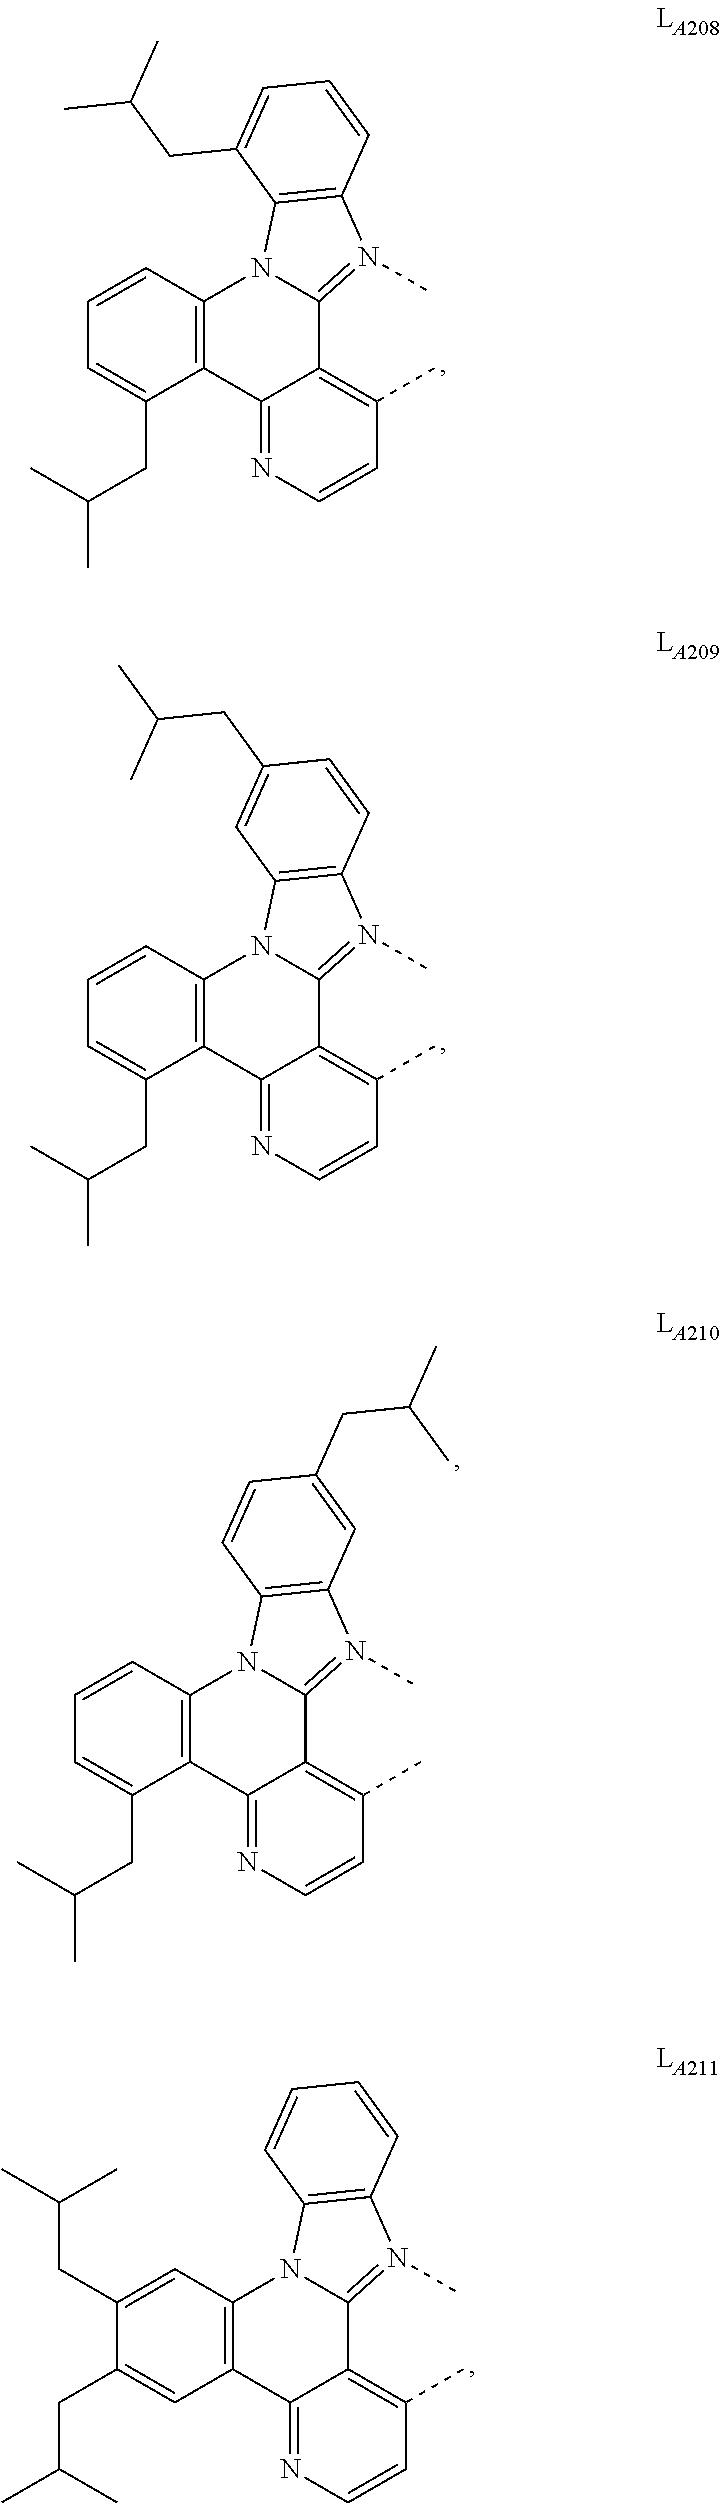 Figure US09905785-20180227-C00073